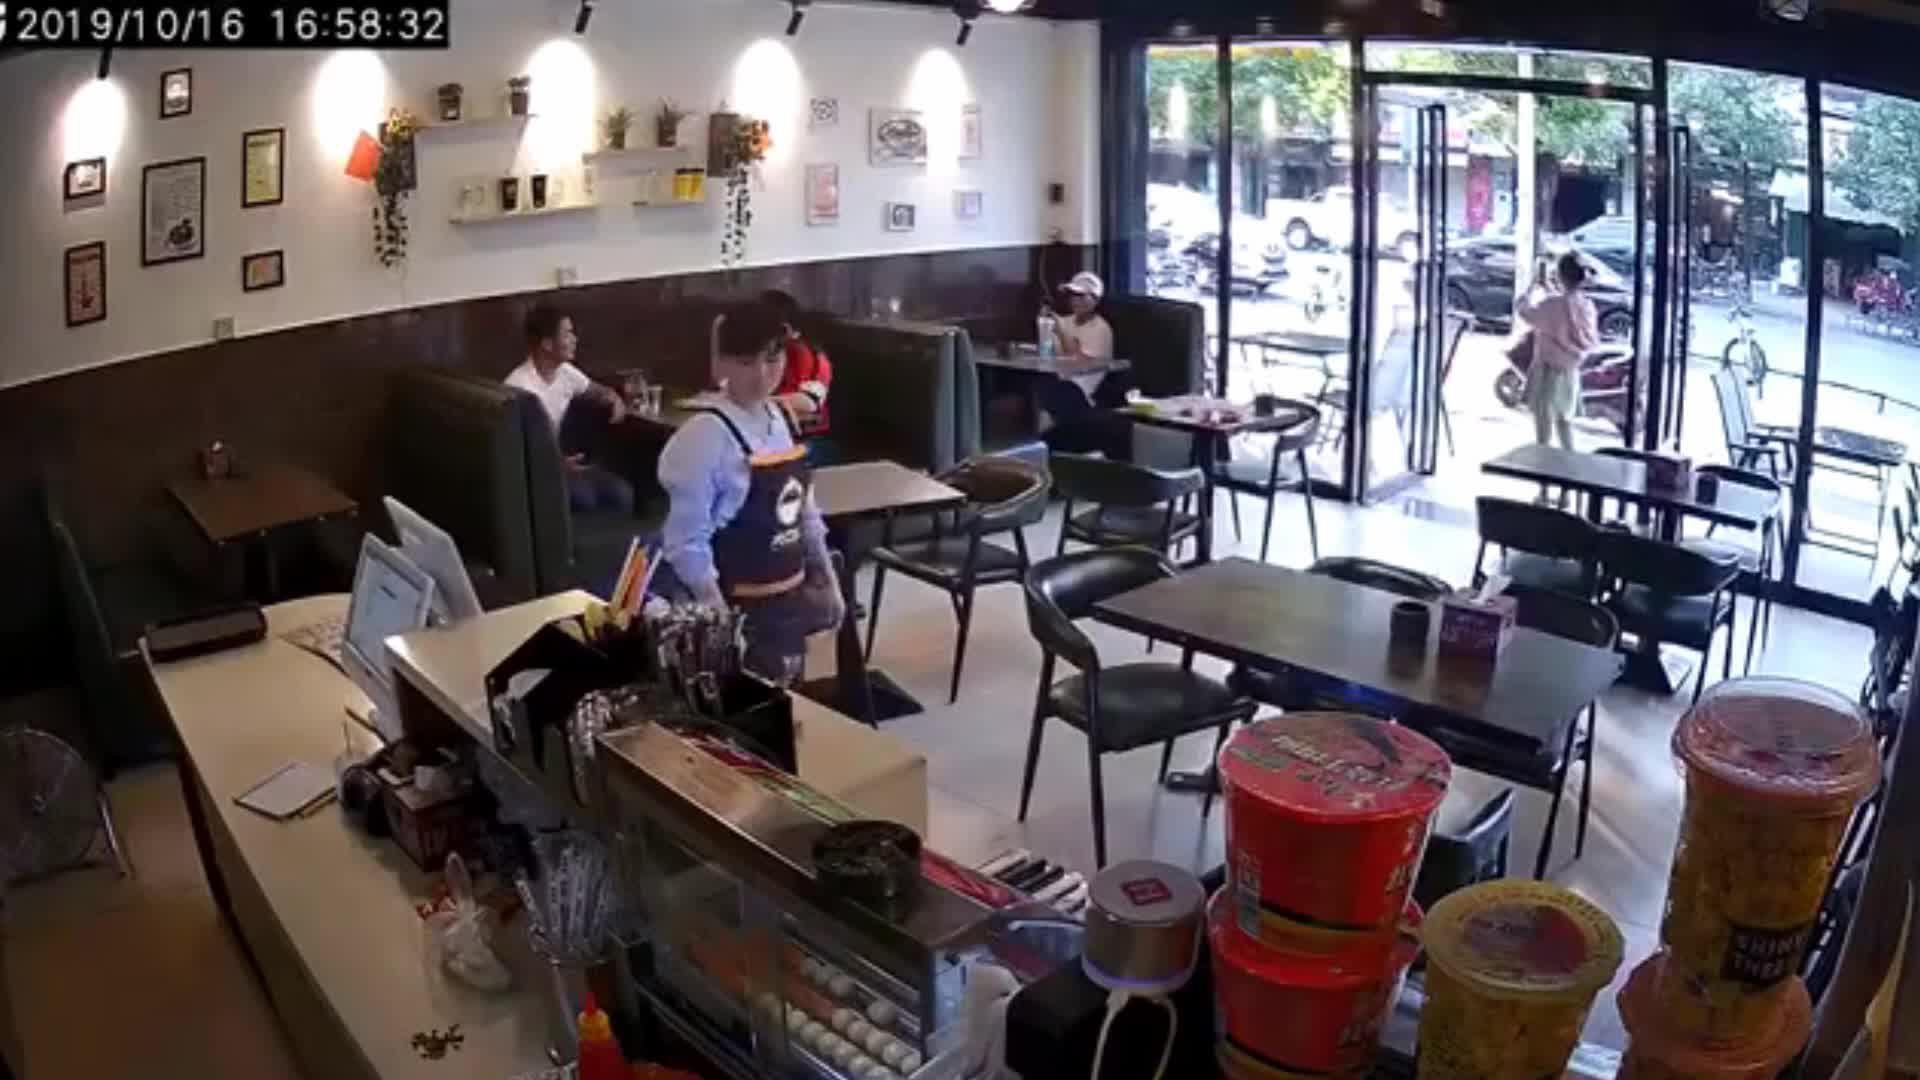 女孩奶茶店被打 警方:系不小心擦碰引起纠纷,打人者被拘15日